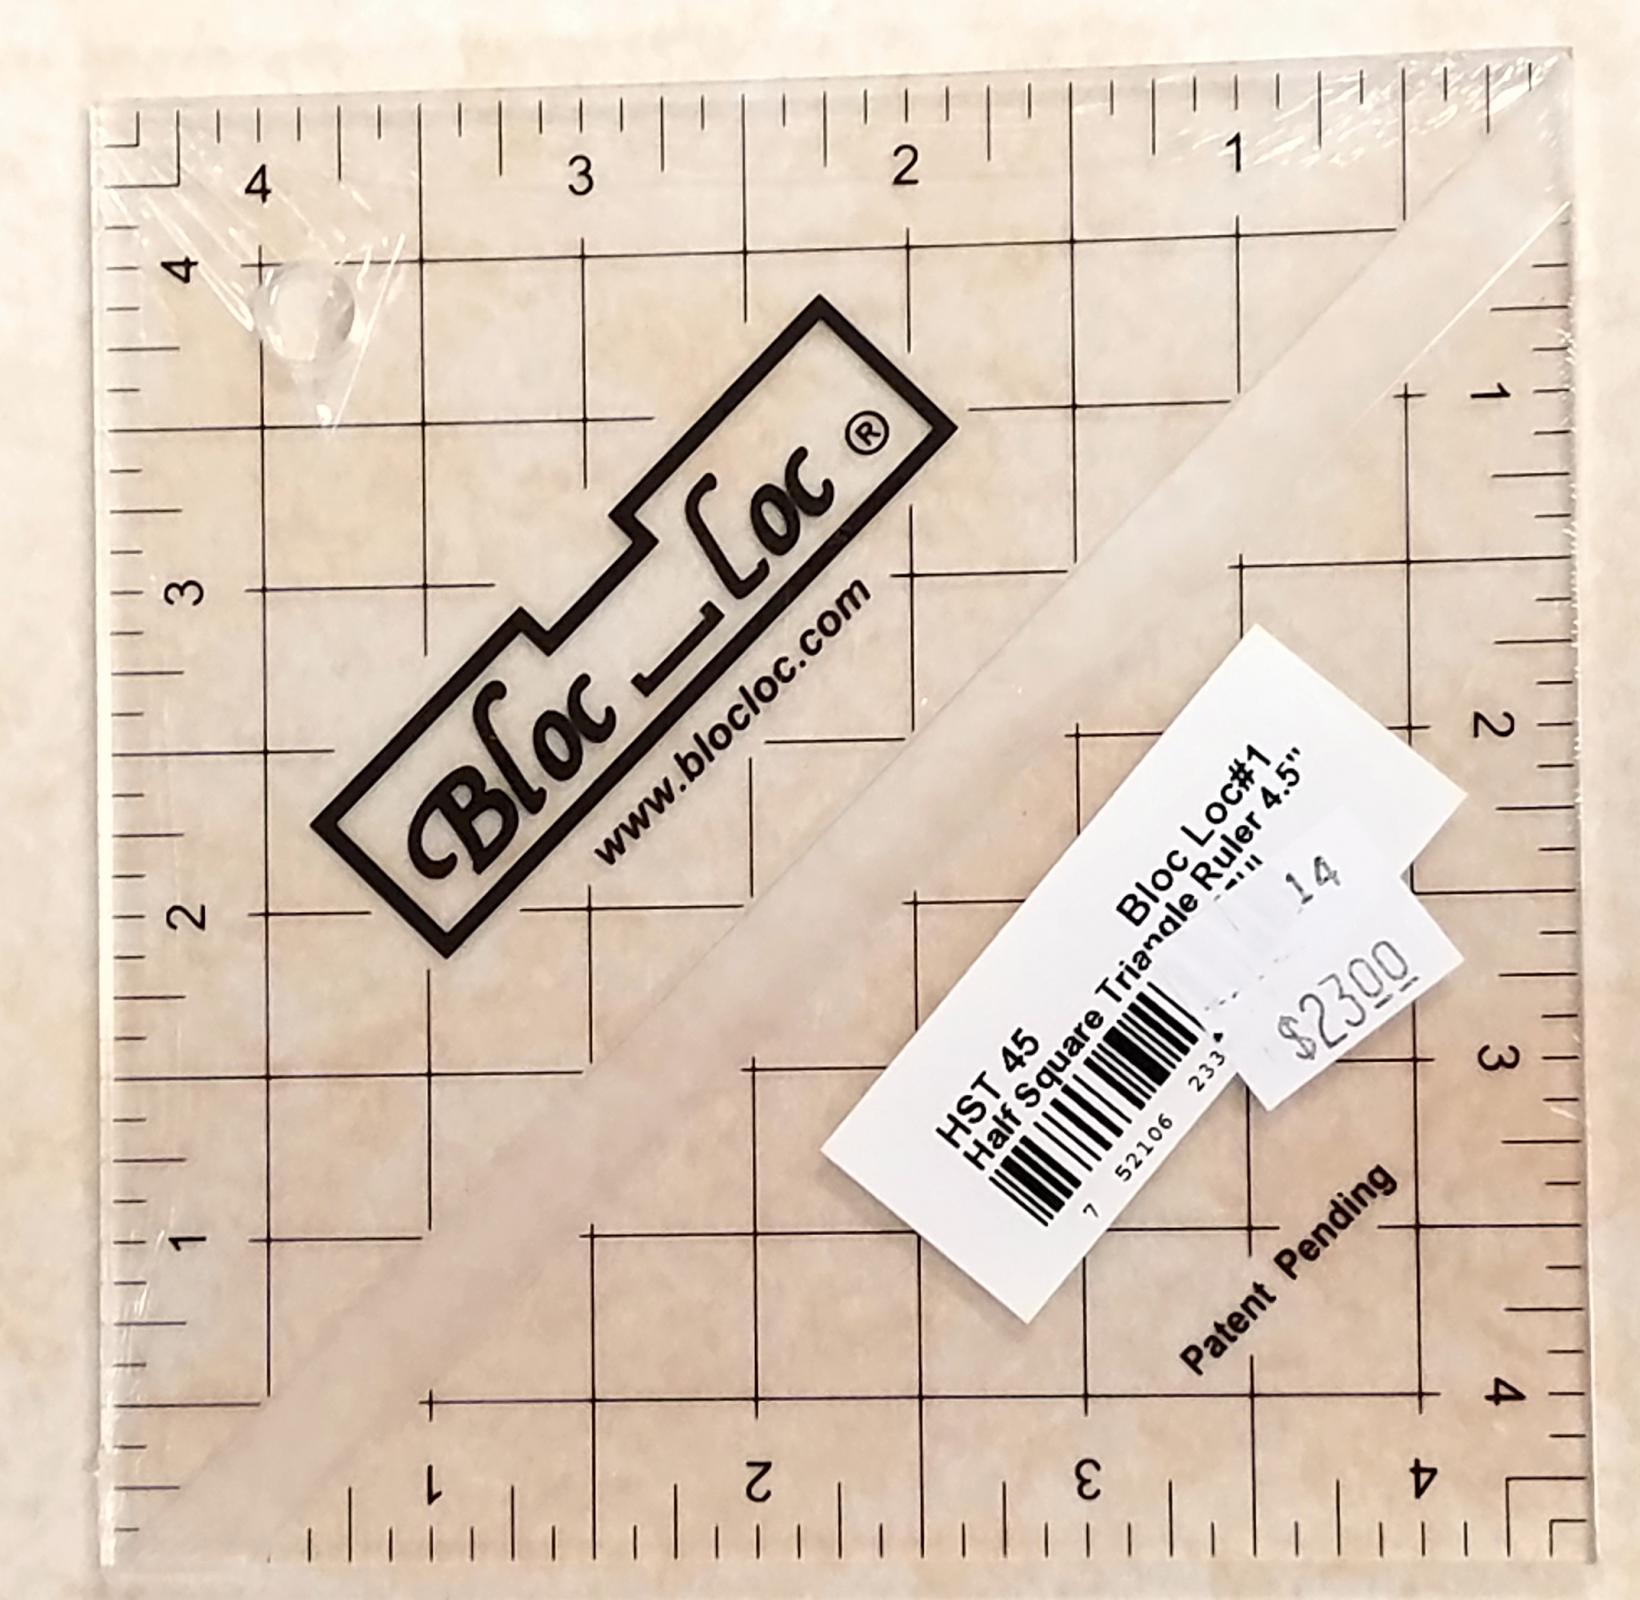 Bloc Loc 4.5 Half Square Triangle Ruler